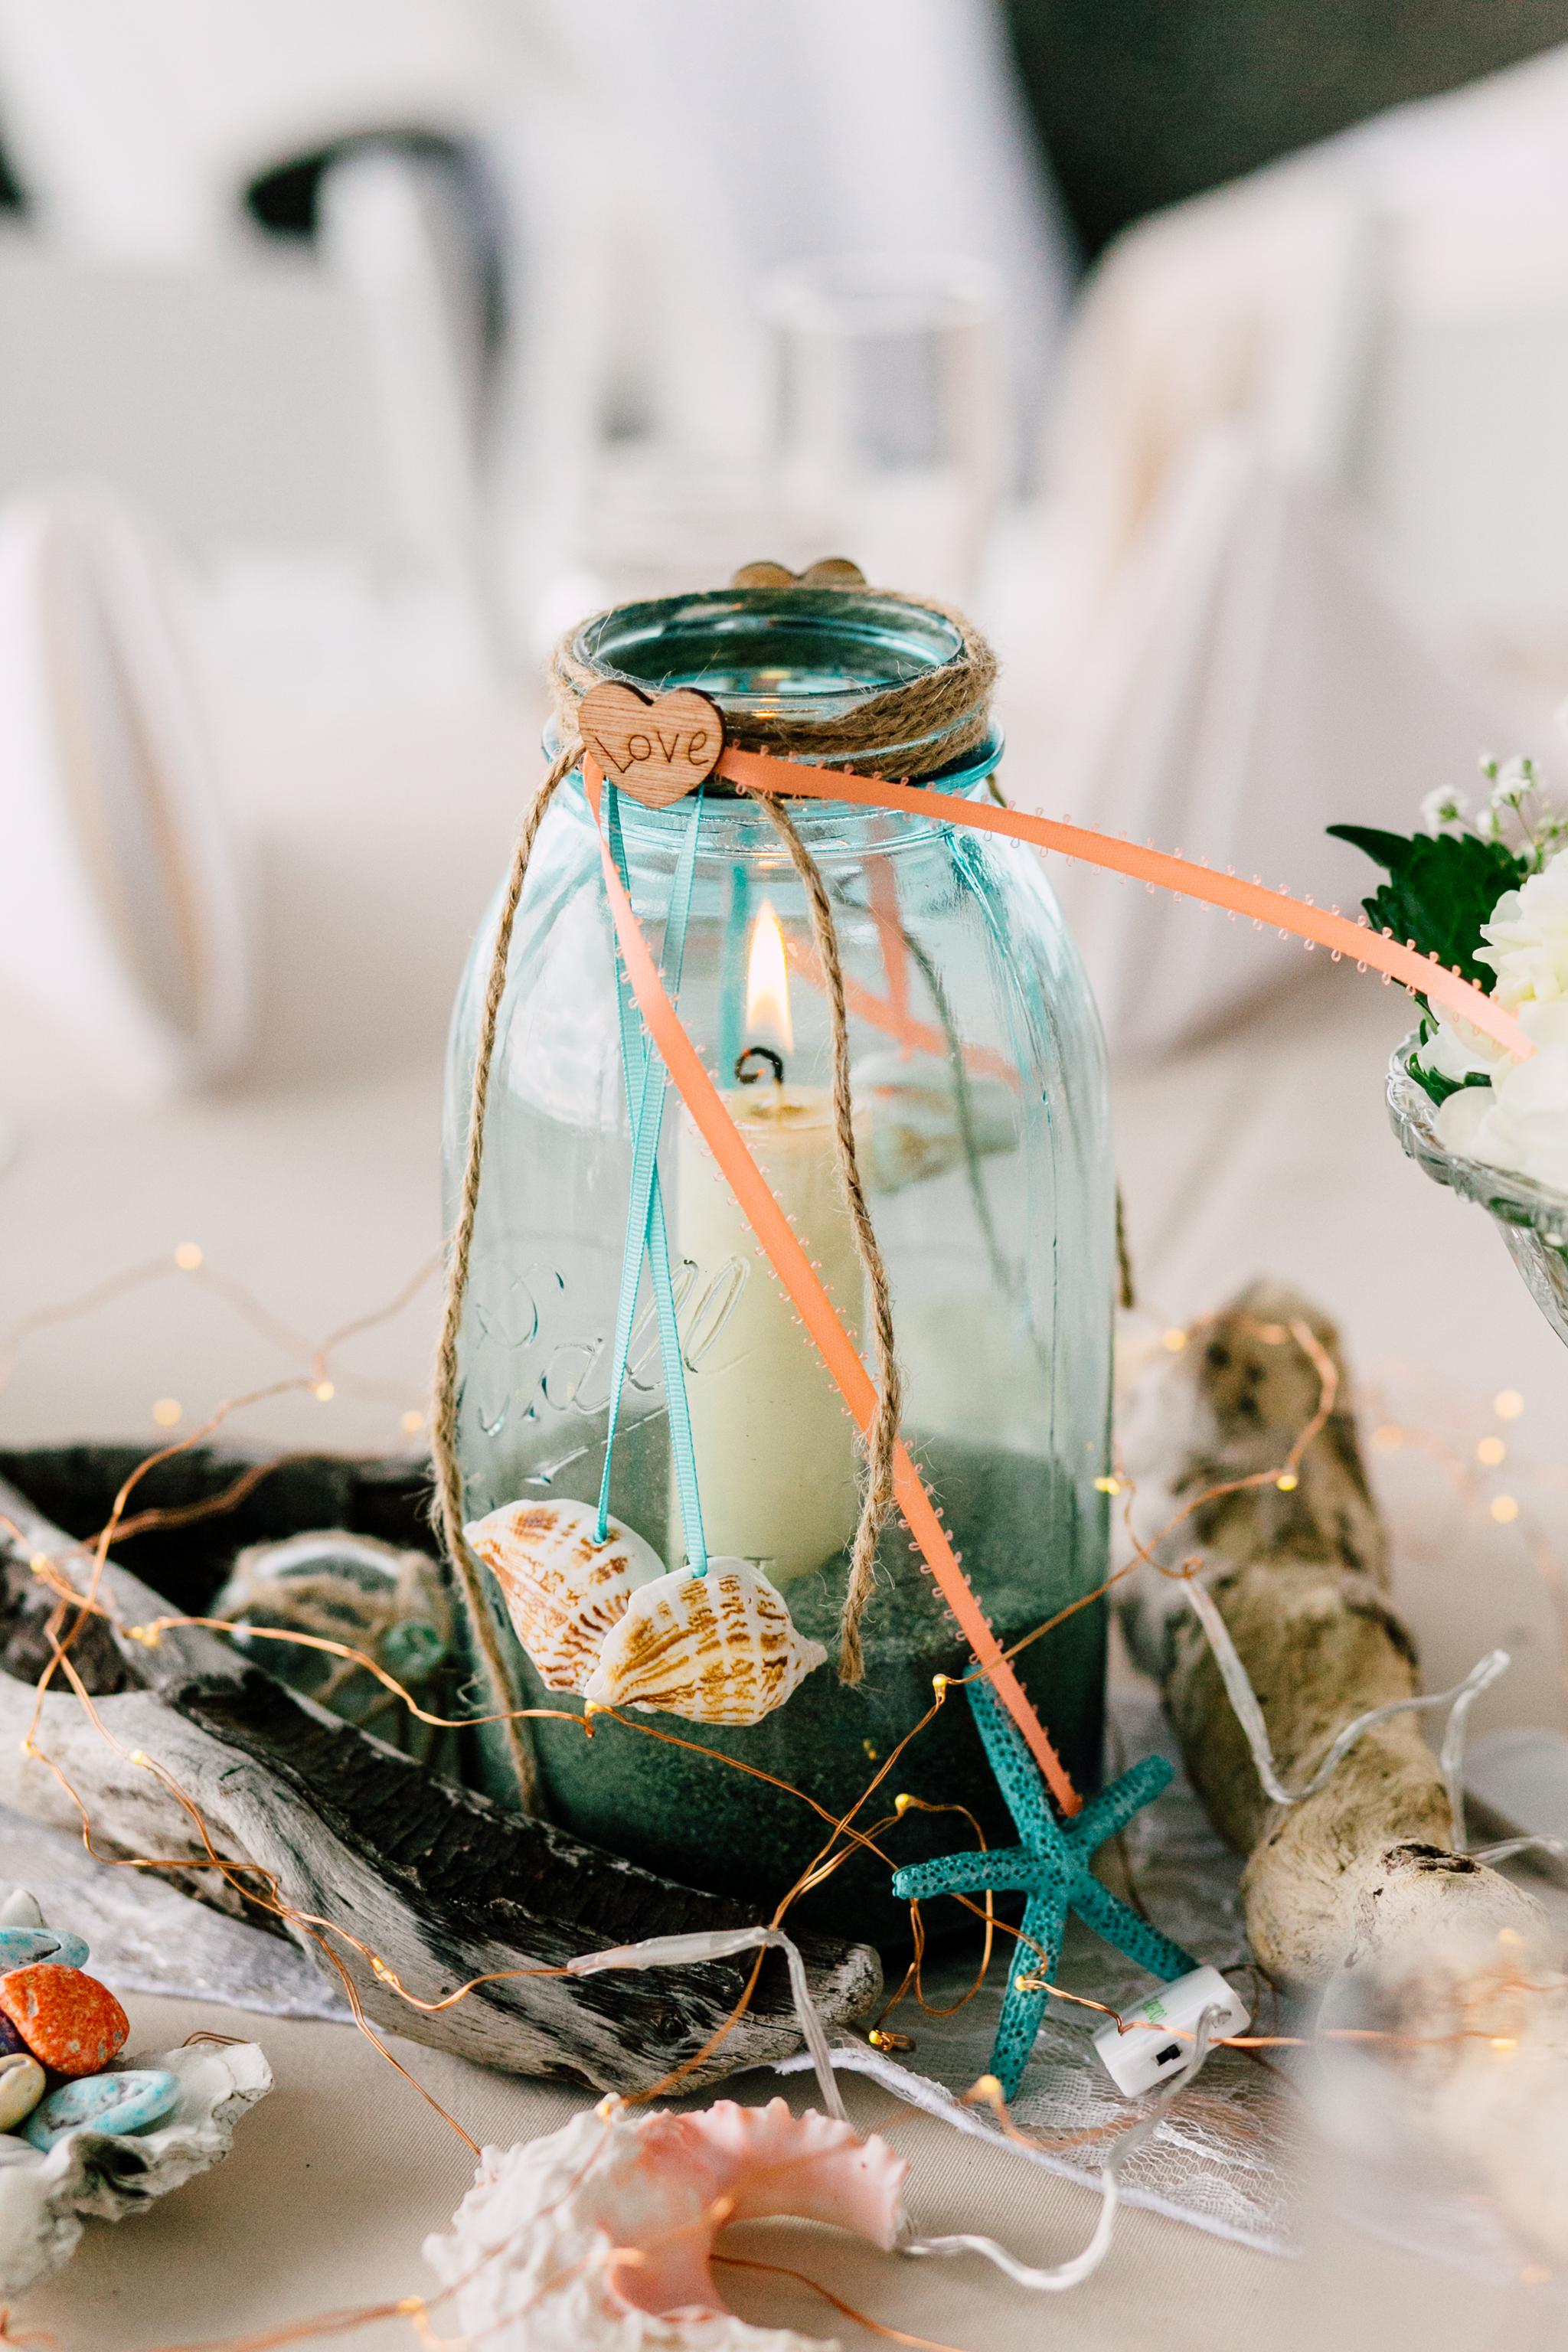 034-bellingham-wedding-photographer-beach-katheryn-moran-elisa-phillip.jpg